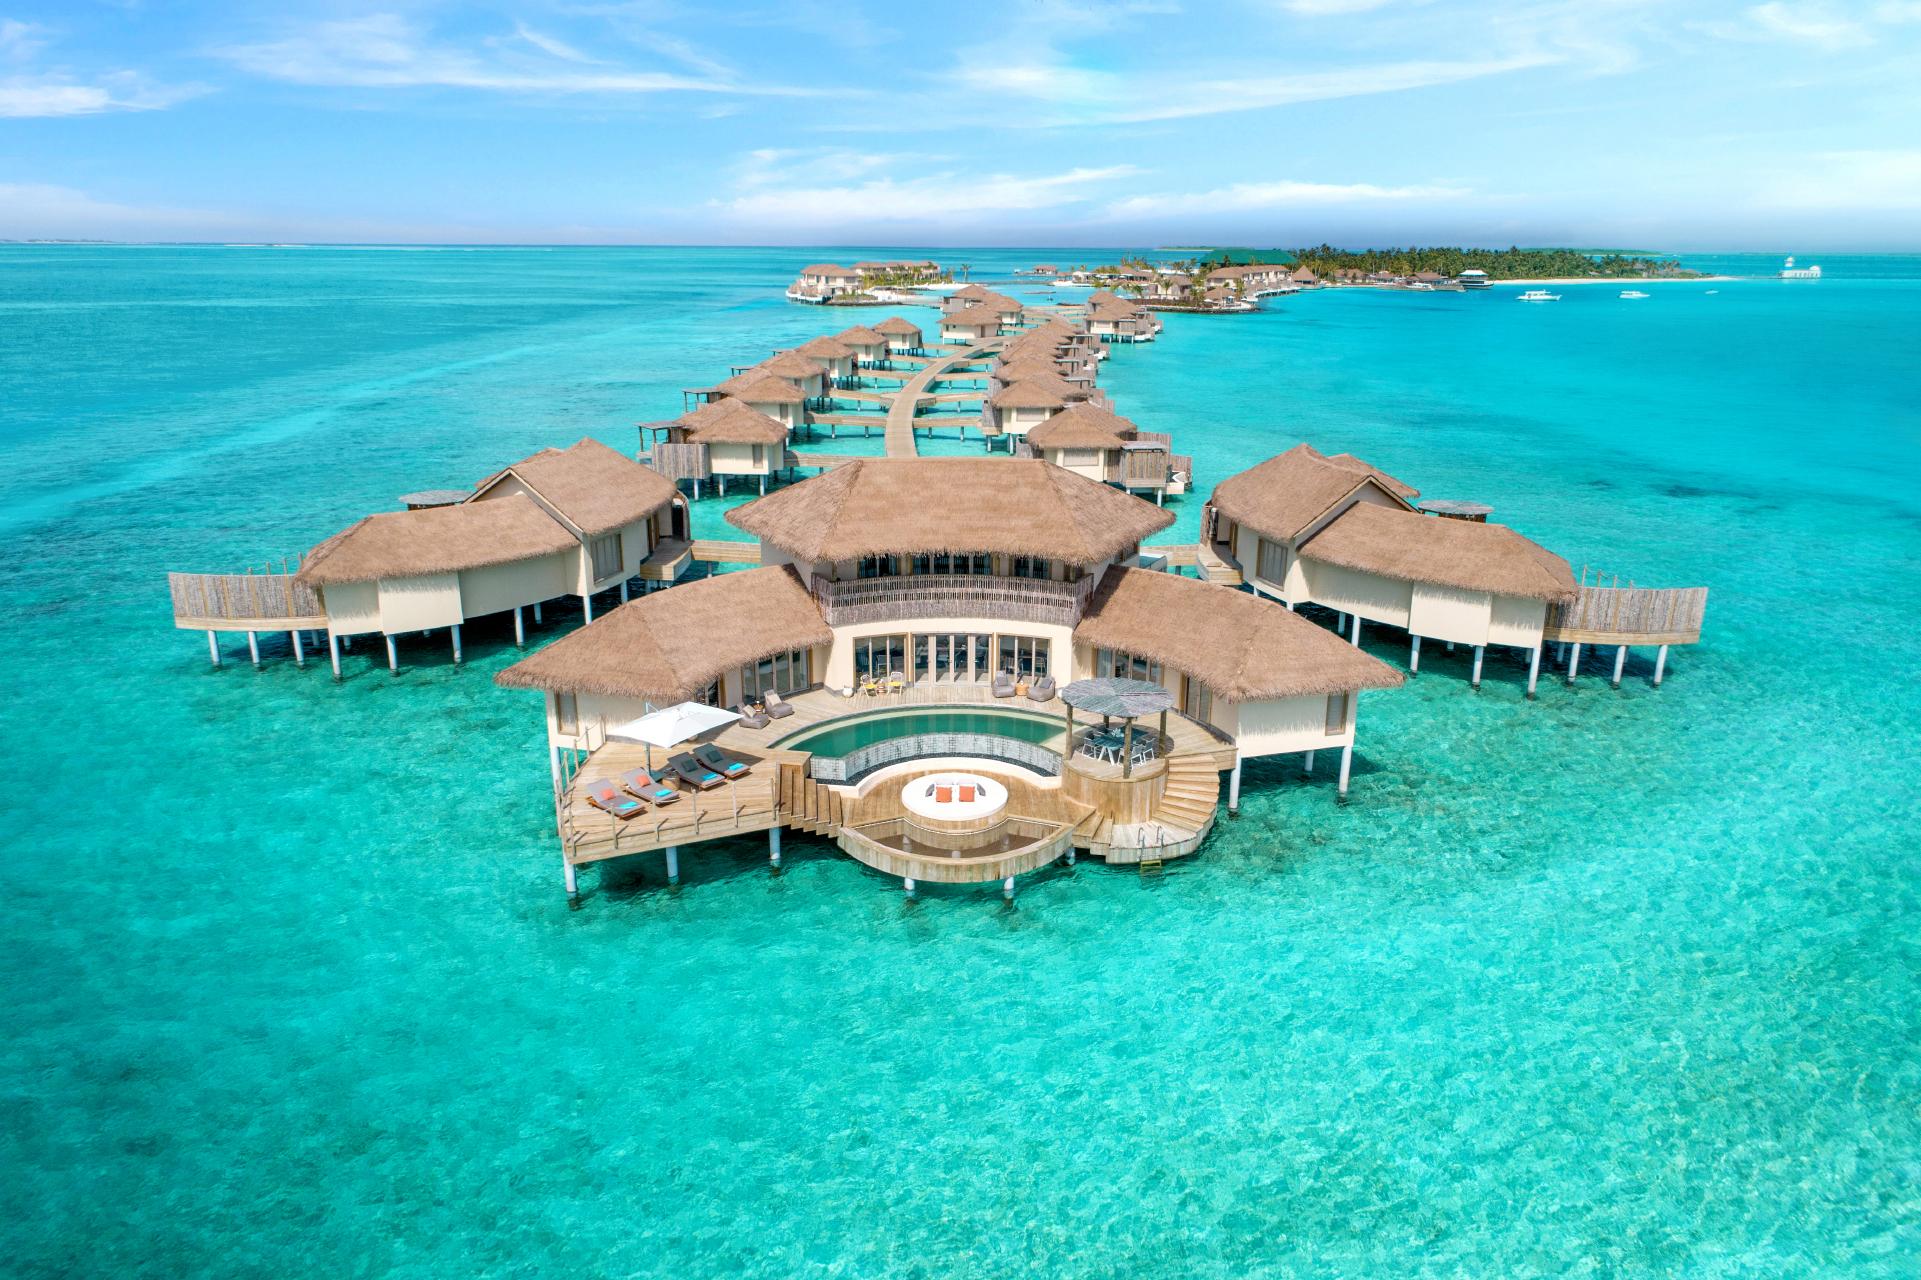 InterContinental Maldives Maamunagau Resort 5*